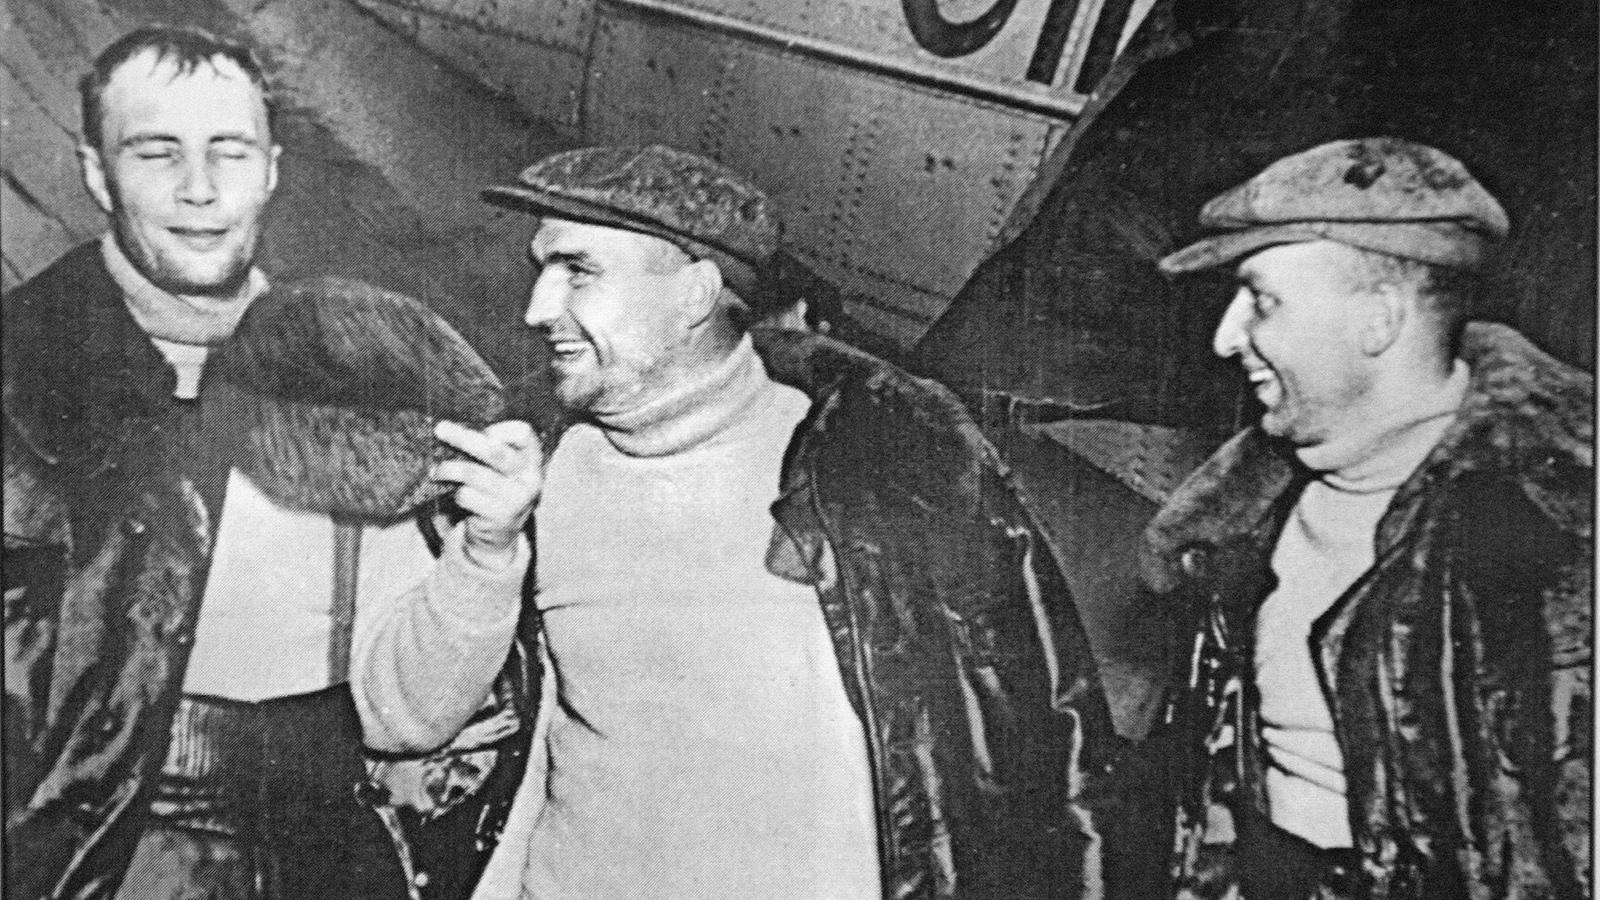 Первый в истории беспосадочный перелет через Северный полюсиз Москвы вВанкувер (США) — знаковое событие в истории СССР, советско-американских отношений и авиации. Впервые был совершен перелет с континента на континент, через Северный полюс и без посадки. В 4 часа 5 минут утра 18 июня 1937 года самолет АНТ-25 покинул подмосковный аэродром в Щелково, 20 июня в 19 часов 30 минут по московскому времени самолет совершил посадку на американском военном аэродроме Баракс. Беспосадочный перелет принес совершившим его пилотам Валерию Чкалову, Георгию Байдукову, Александру Белякову и всему воздушному флоту СССР всесоюзный почет и мировую славу.